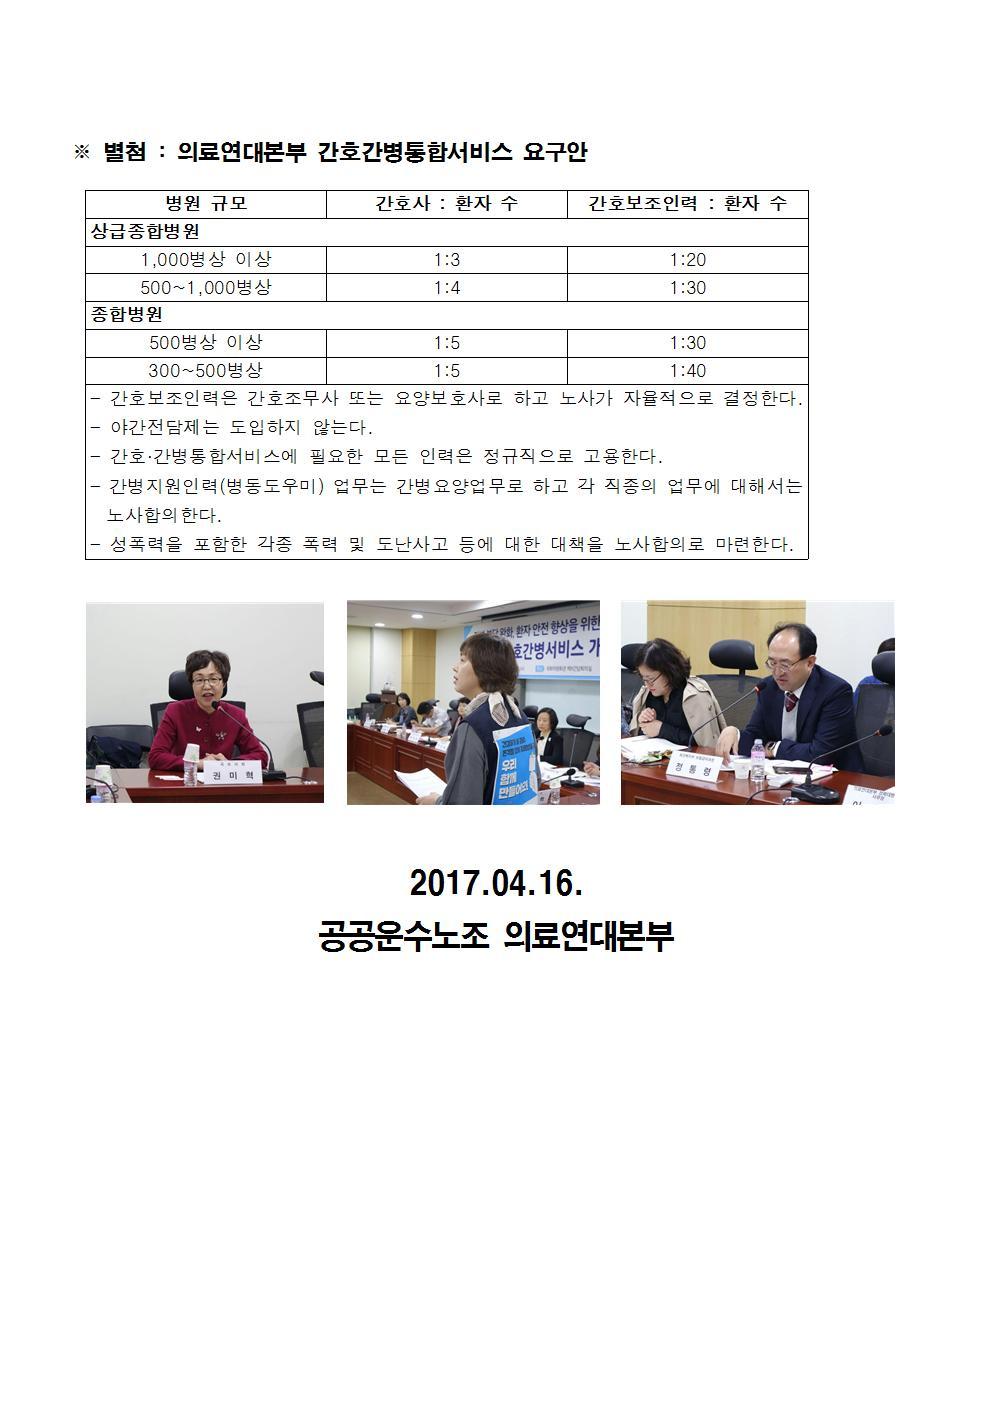 [보도자료] 병원 간호간병서비스 개혁방안 토론회003.jpg